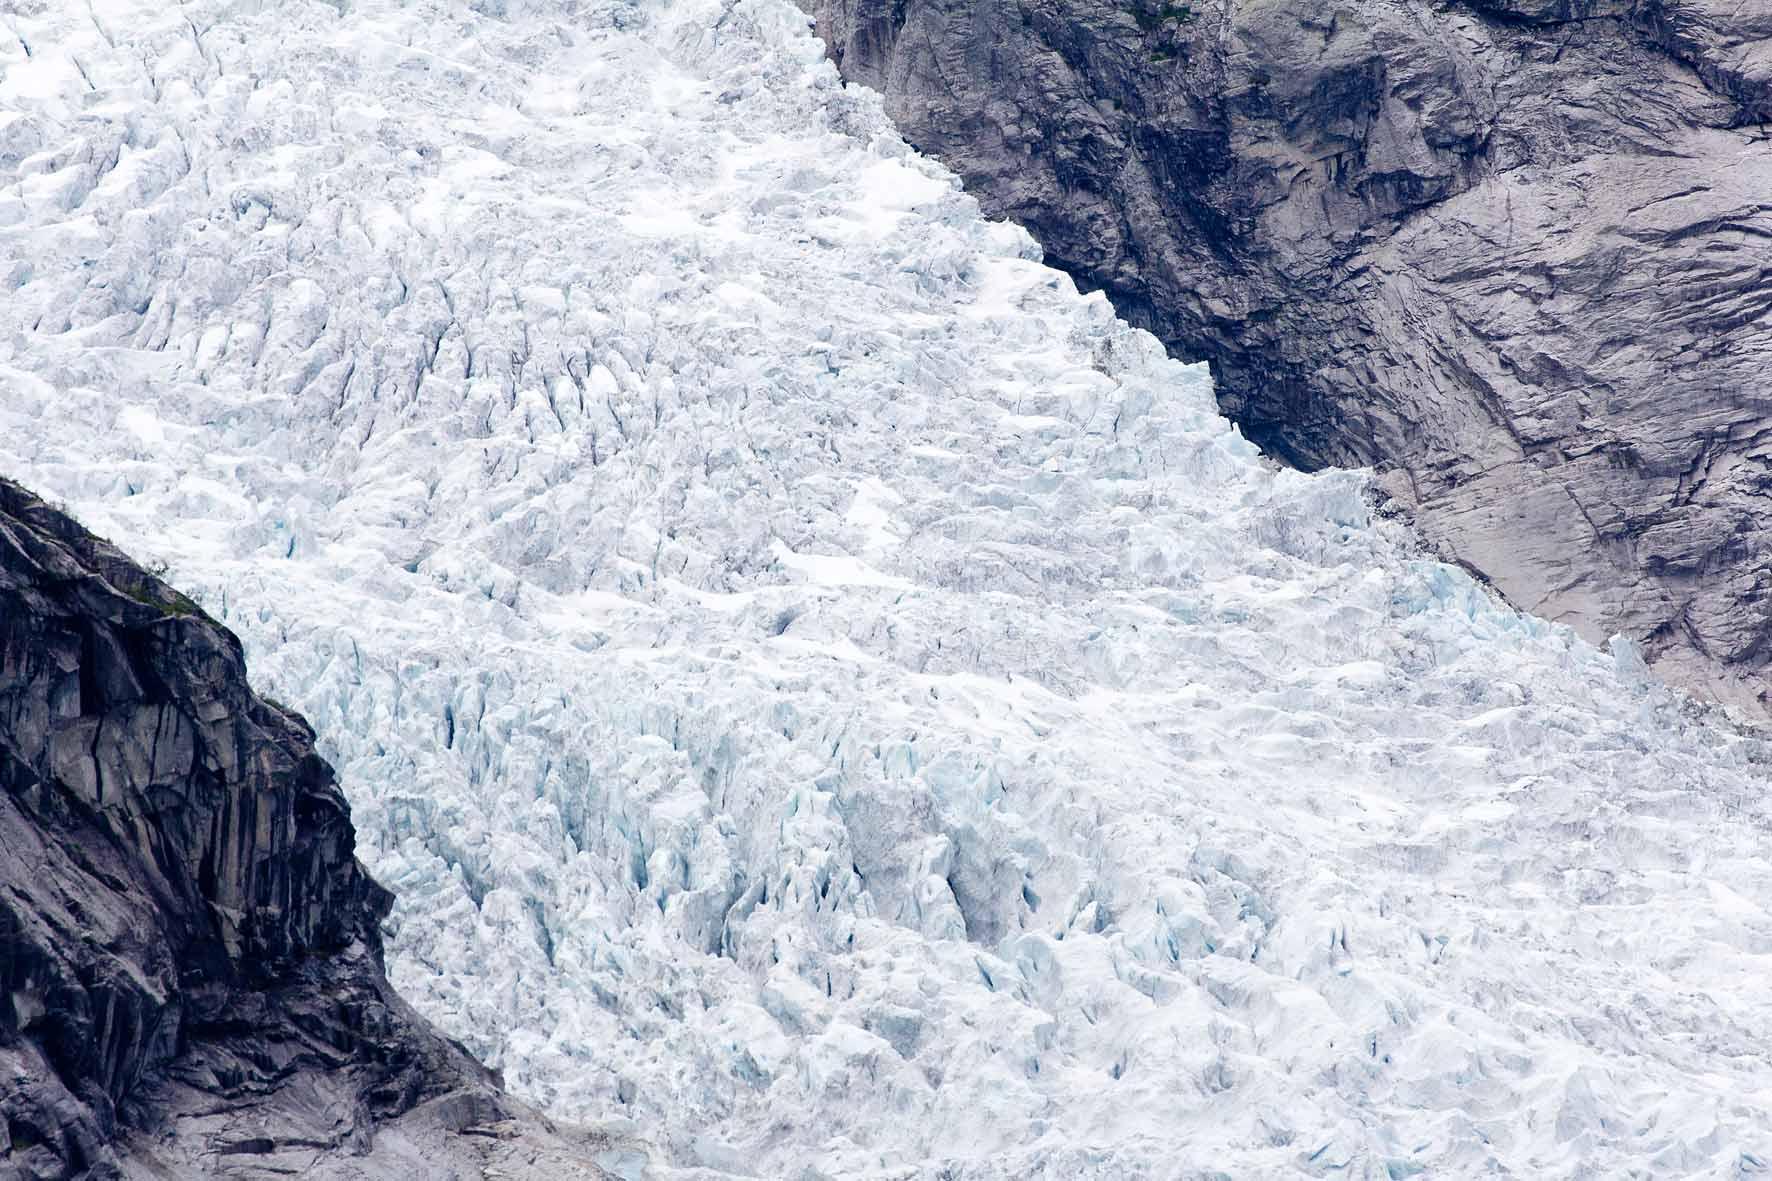 Zerklüfteter Eis am Jostedalsbreen